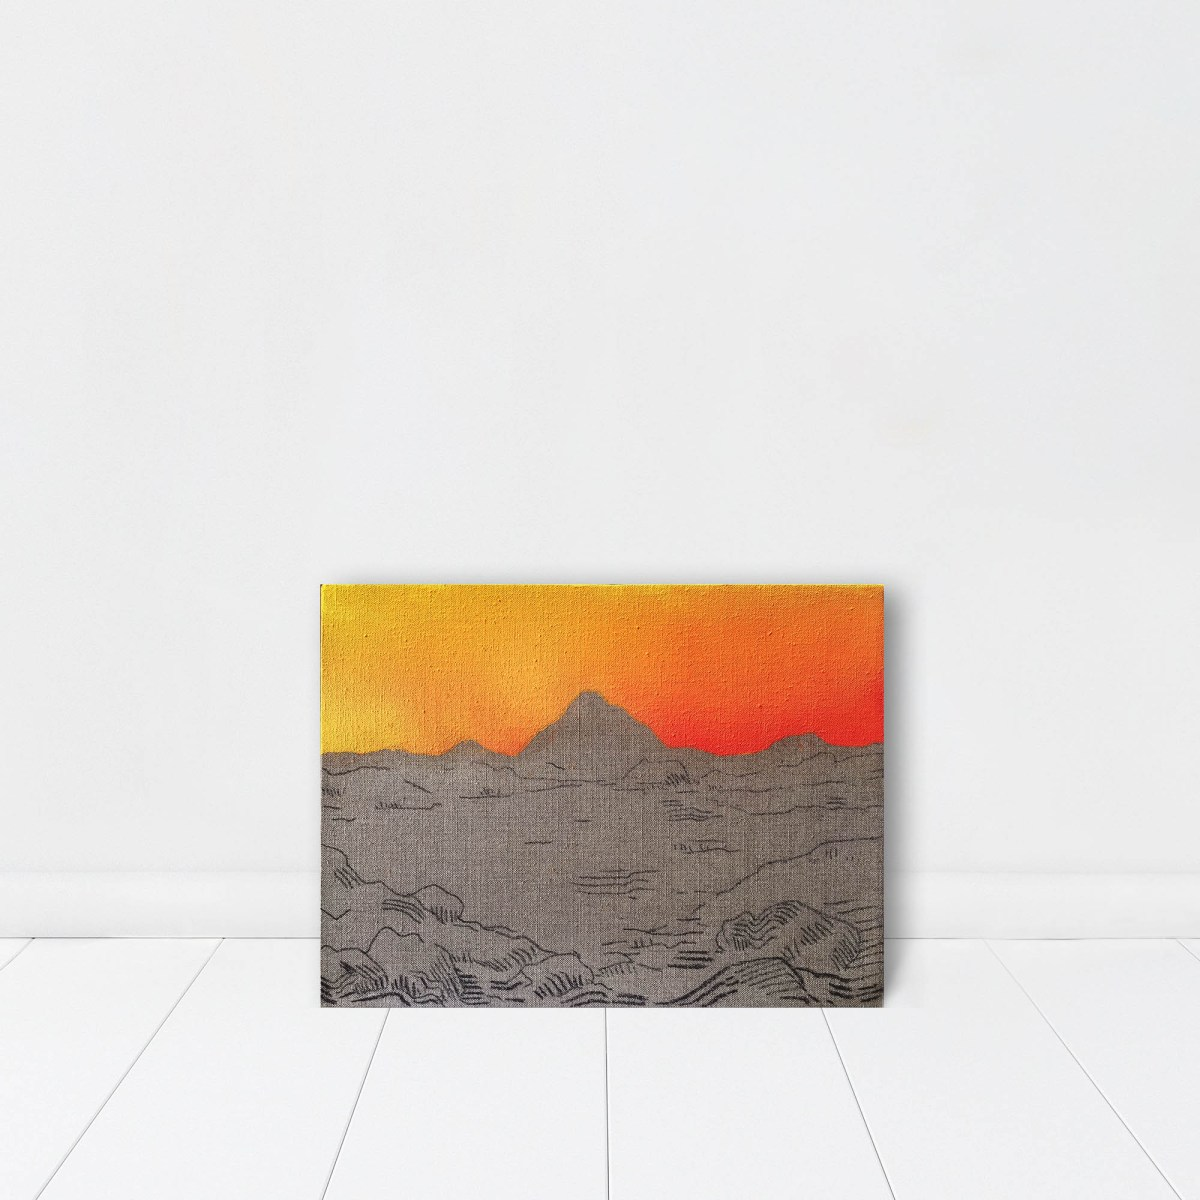 Pintura, Obra Horizonte de Alejandro Pintado en espacio